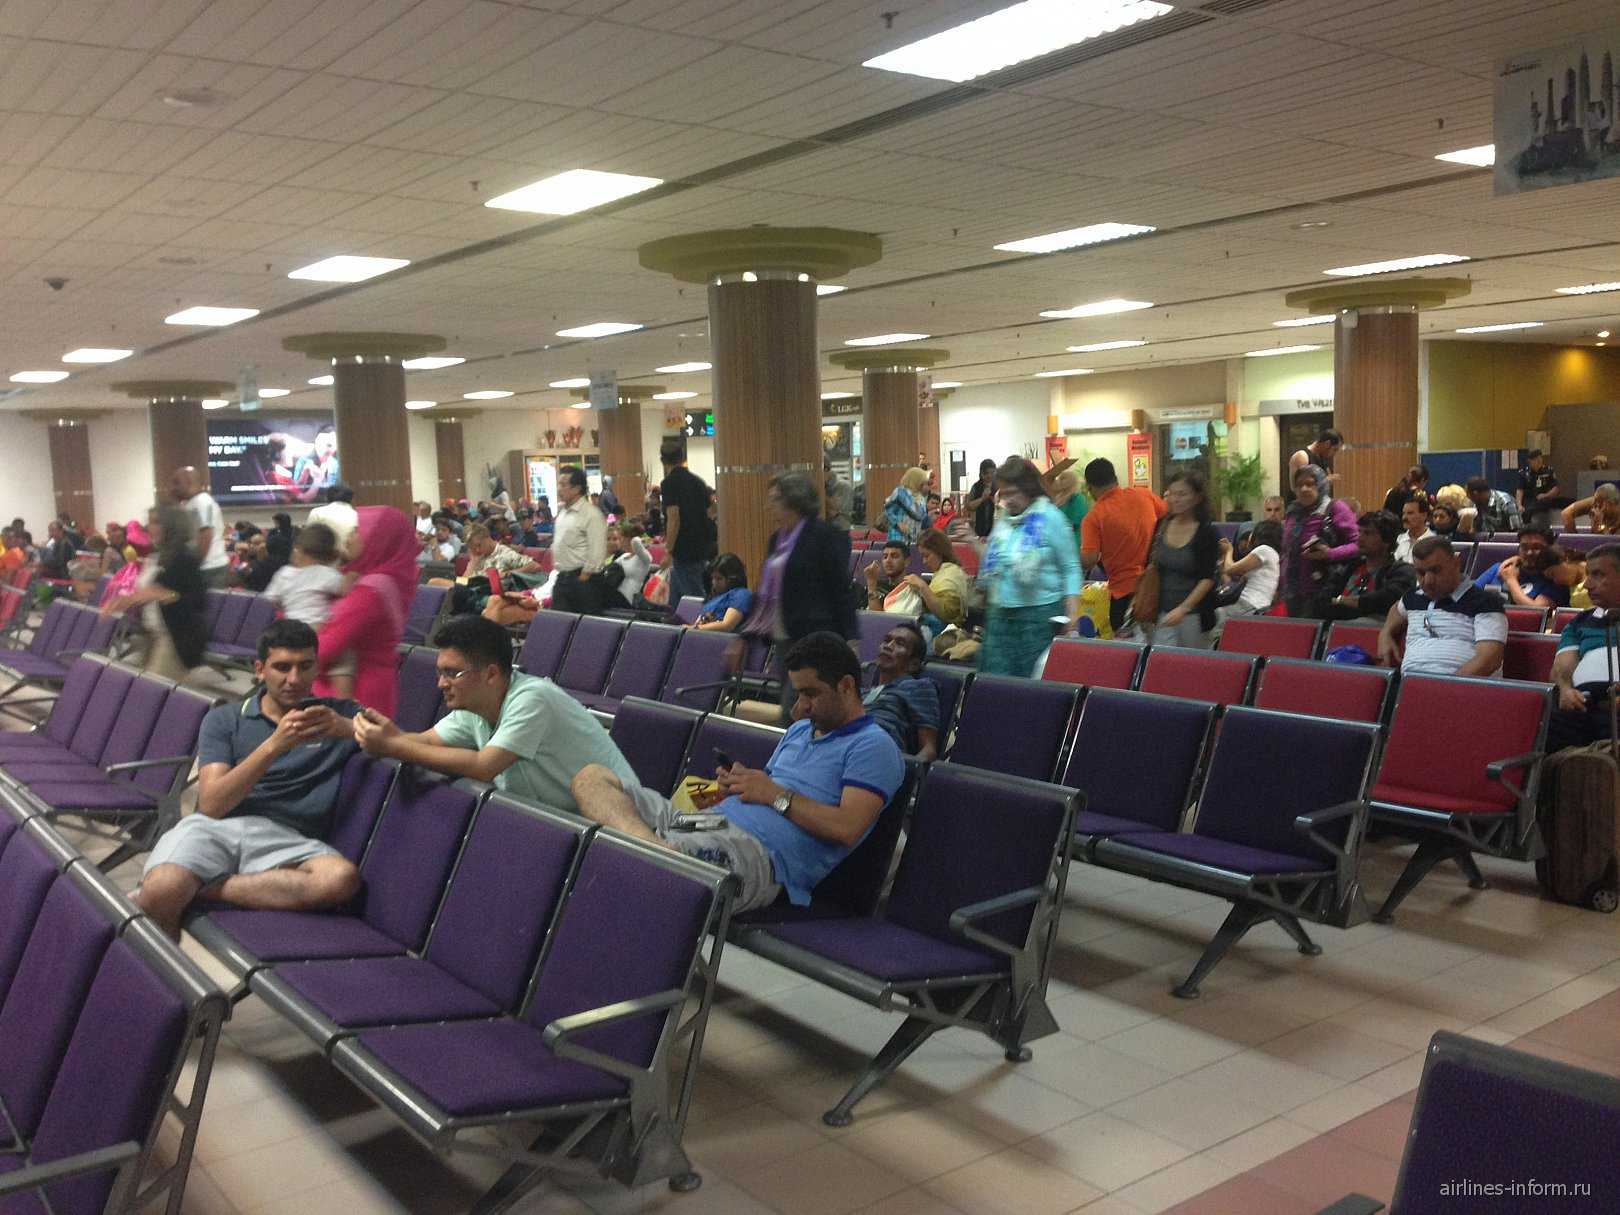 Зал ожидания внутренних рейсов в аэропорту Лангкави